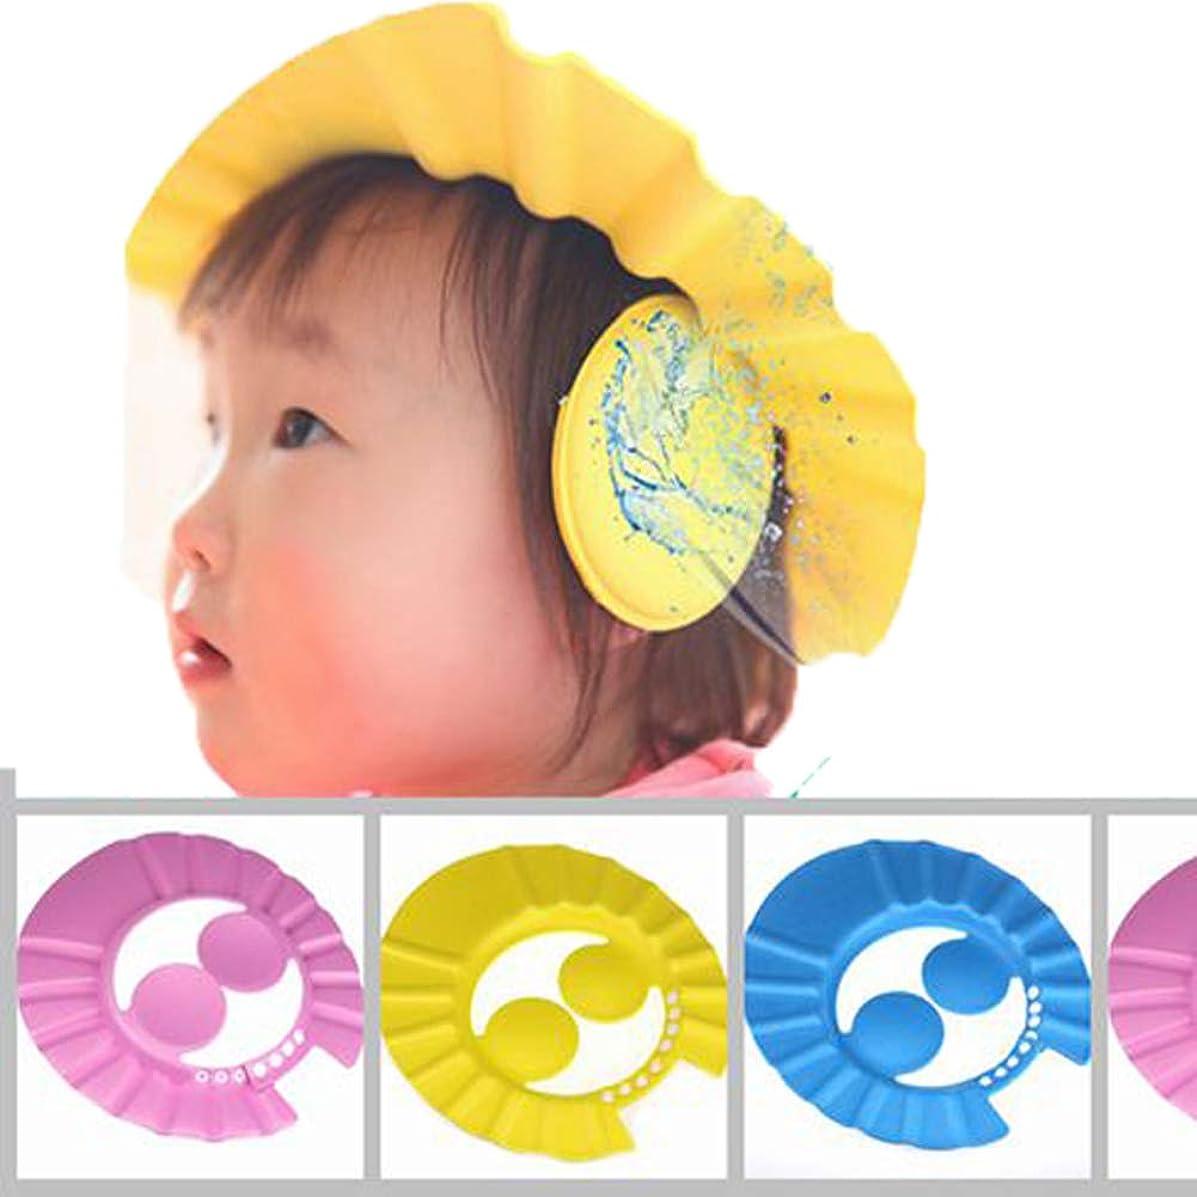 流星消去考える(デマ―クト)De.Markt かわいいシャンプーハット 耳のシールド付き ベビー キッズ 子供 シャワーキャップ シャワー用防水帽 サイズ調節可能